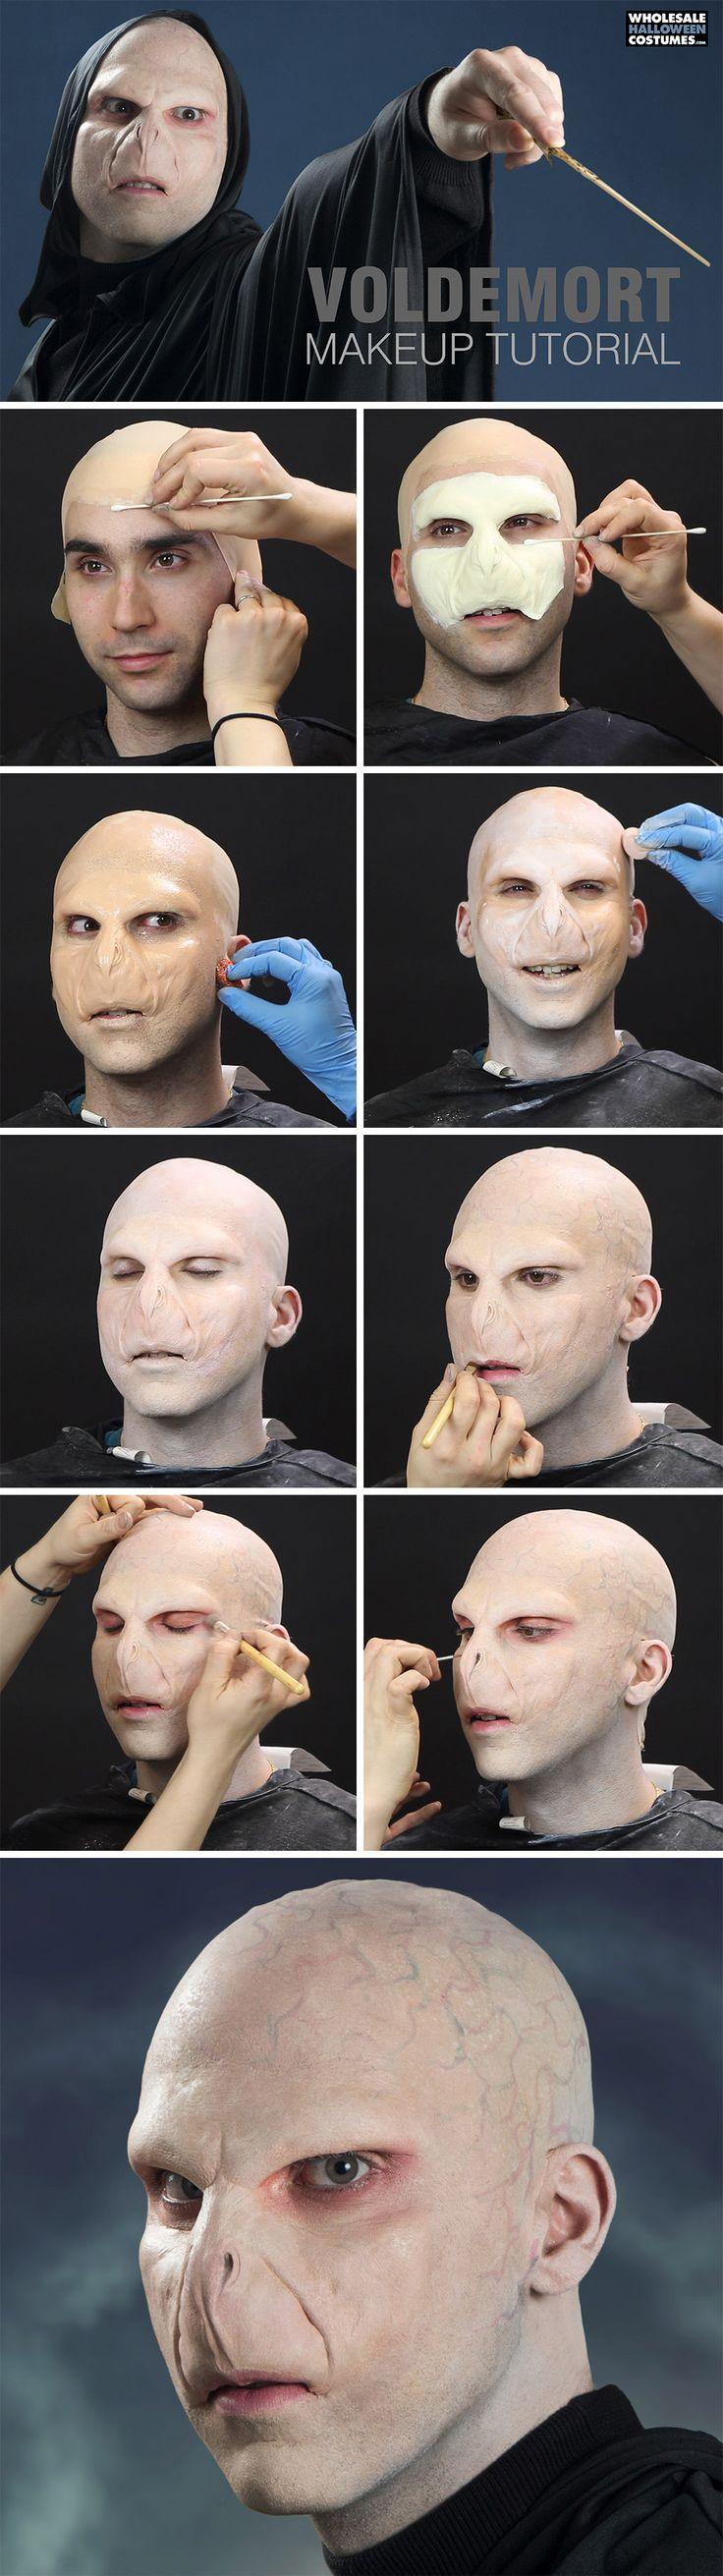 Voldemort Makeup Tutorial